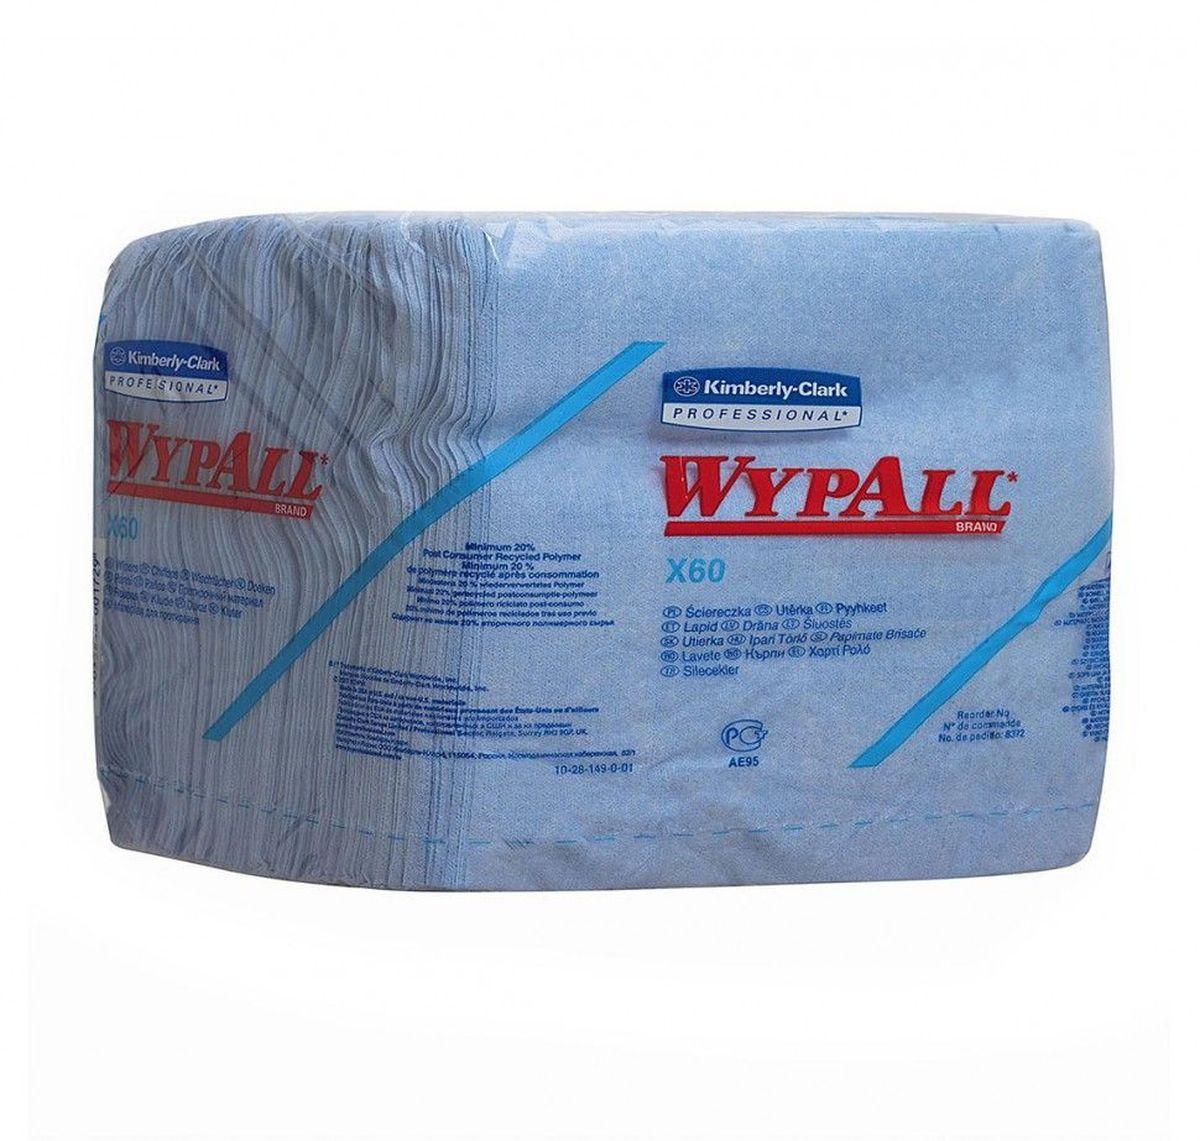 Полотенца бумажные Wypall  Х60 , 76 шт - Туалетная бумага, салфетки